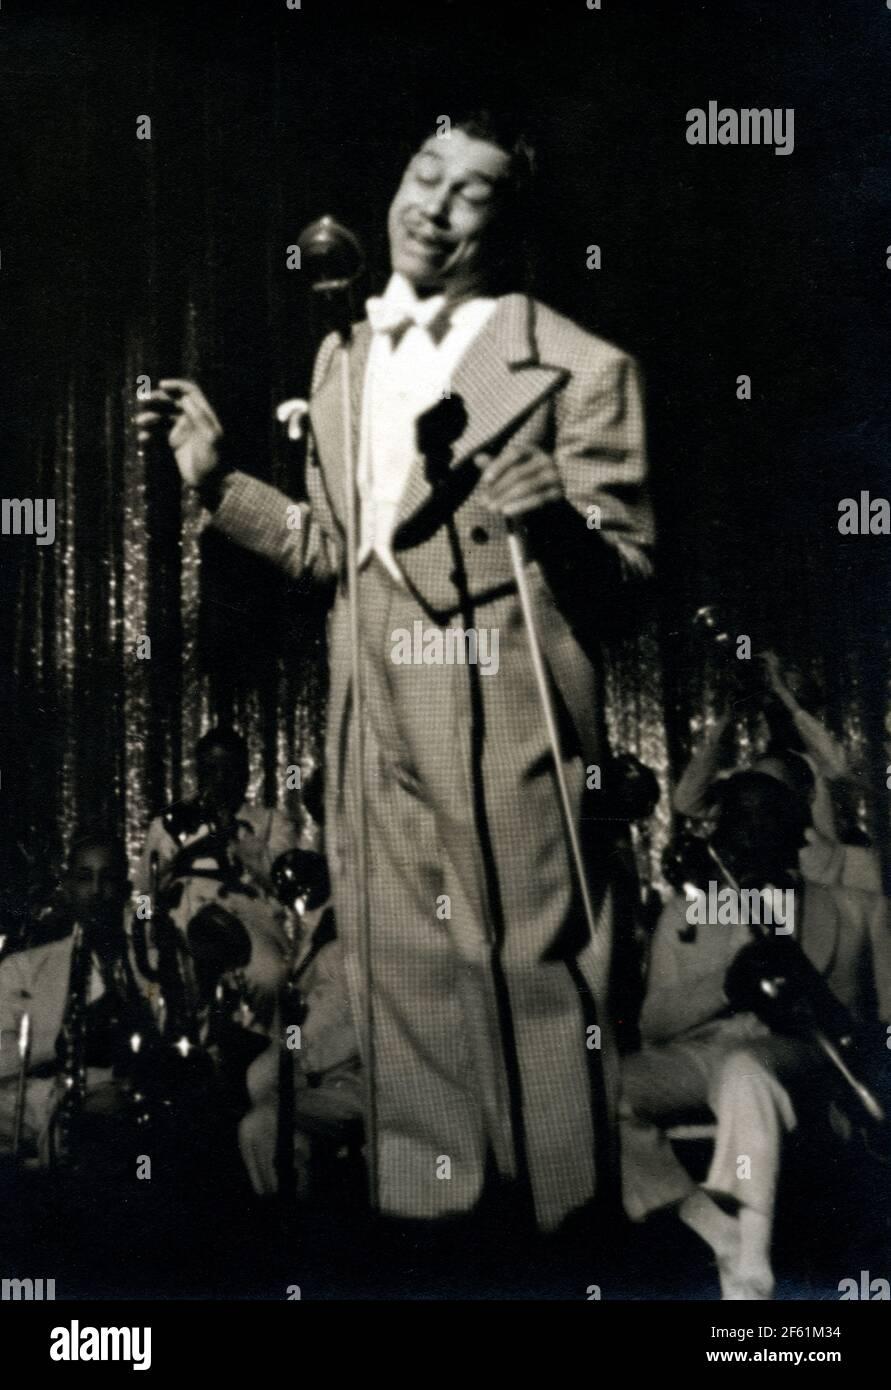 CAB Calloway, cantante de jazz estadounidense y líder de banda Foto de stock